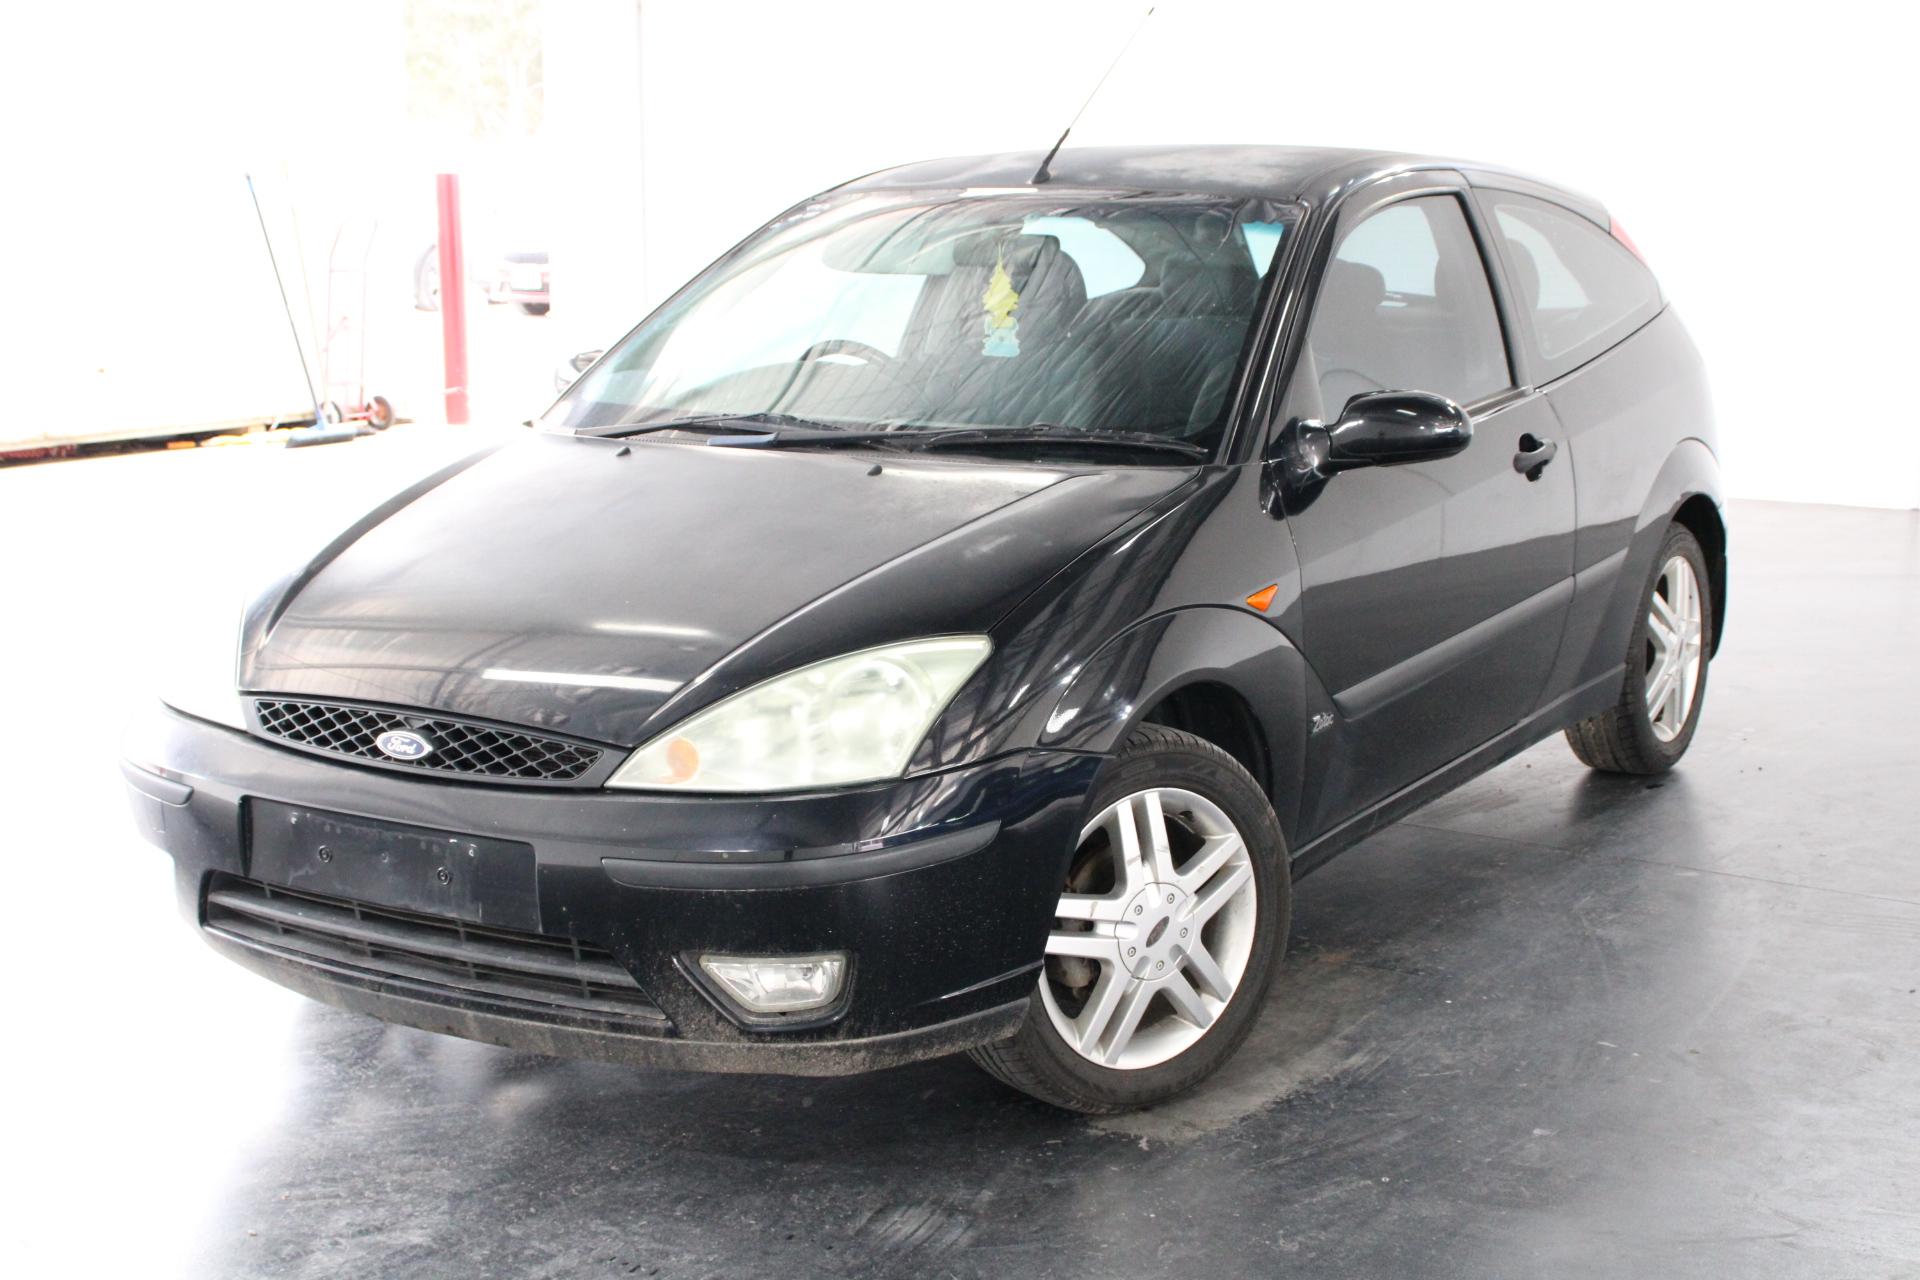 2003 Ford Focus Zetec LR Manual Hatchback